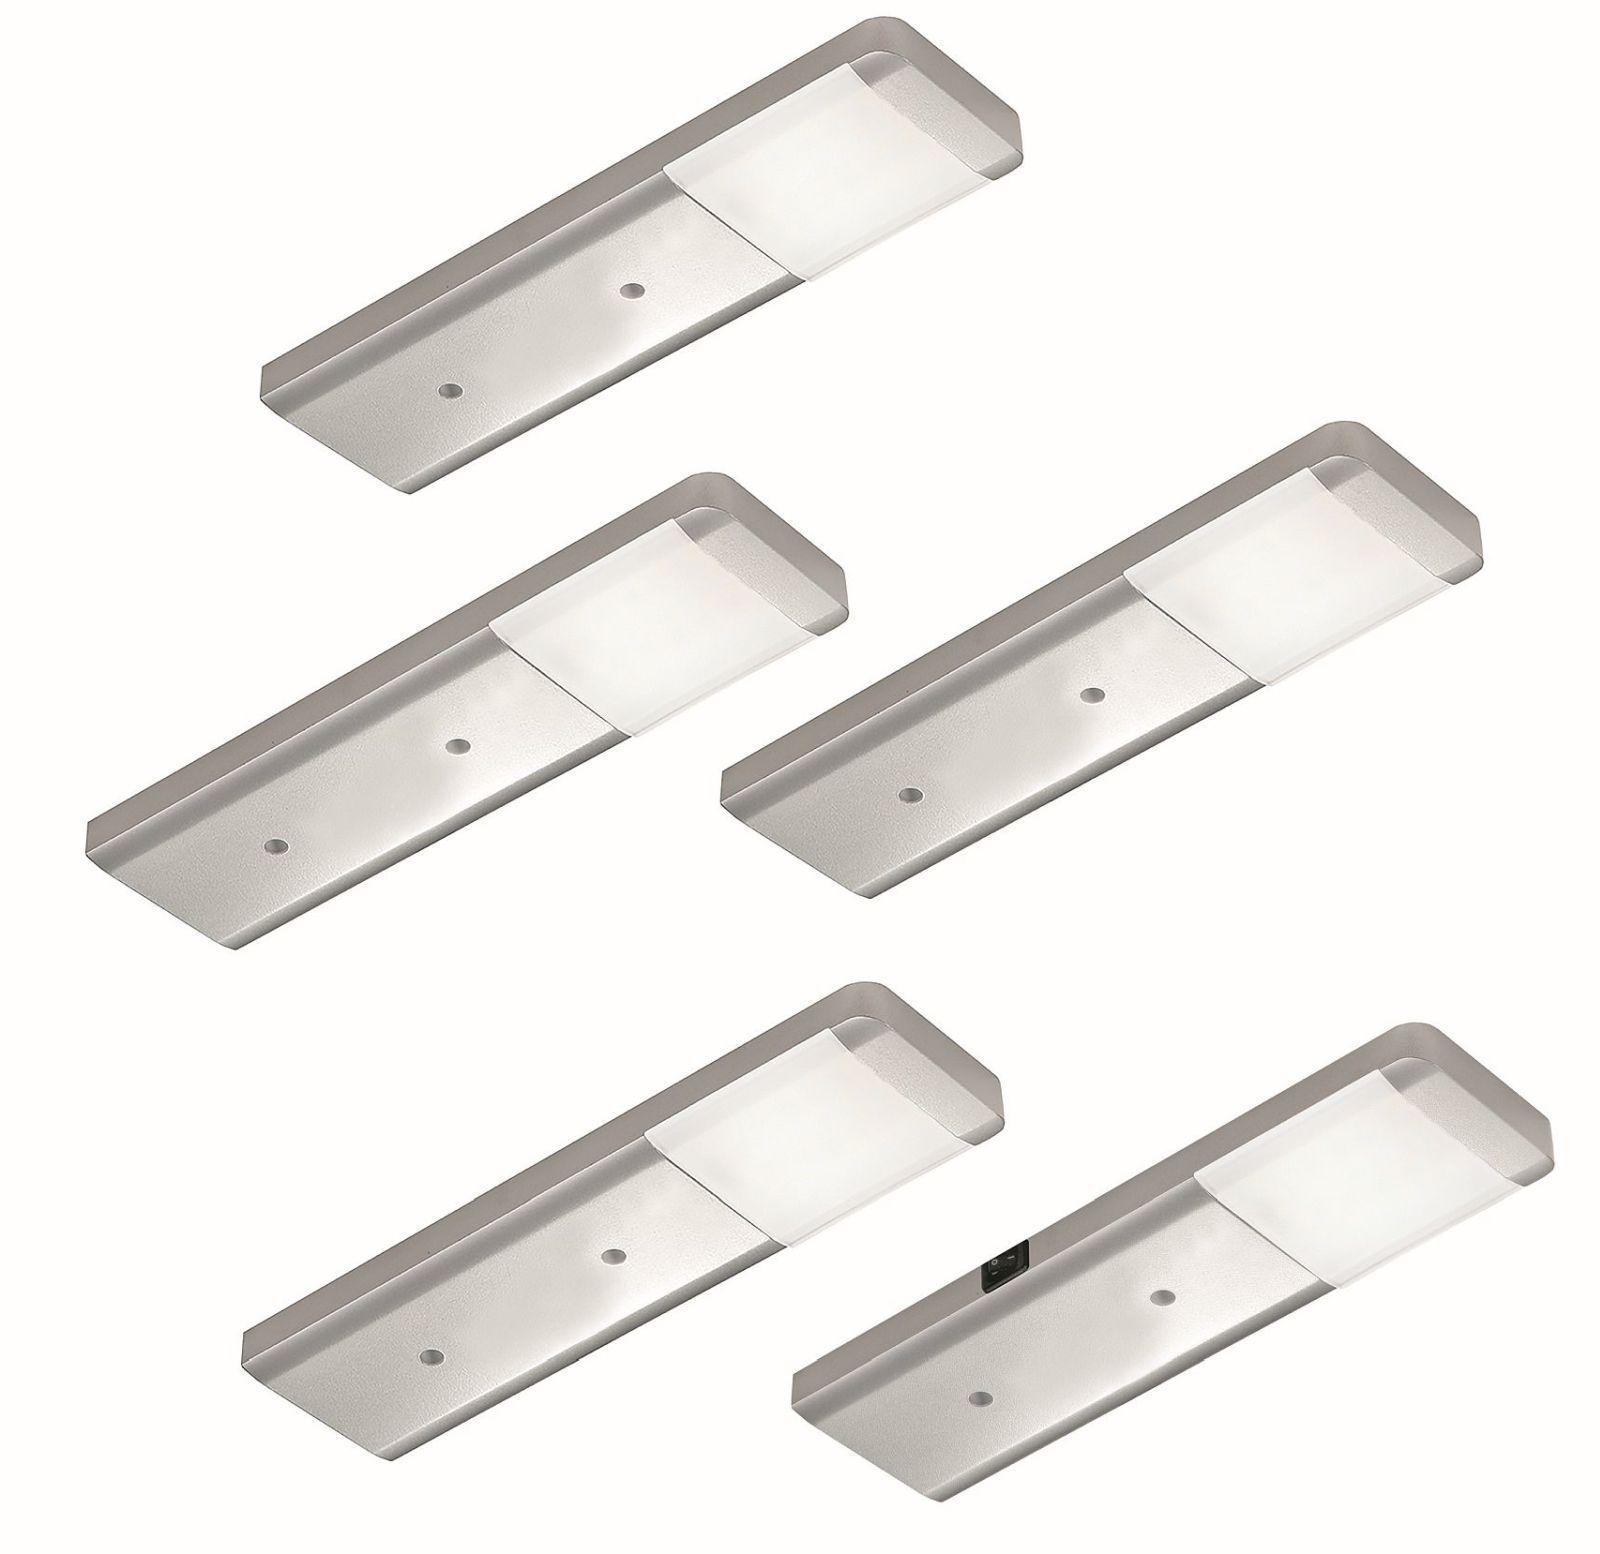 5-er Set LED Küchen Unterbauleuchte FJONA 5 x 2, 5 W Masterschalter ...